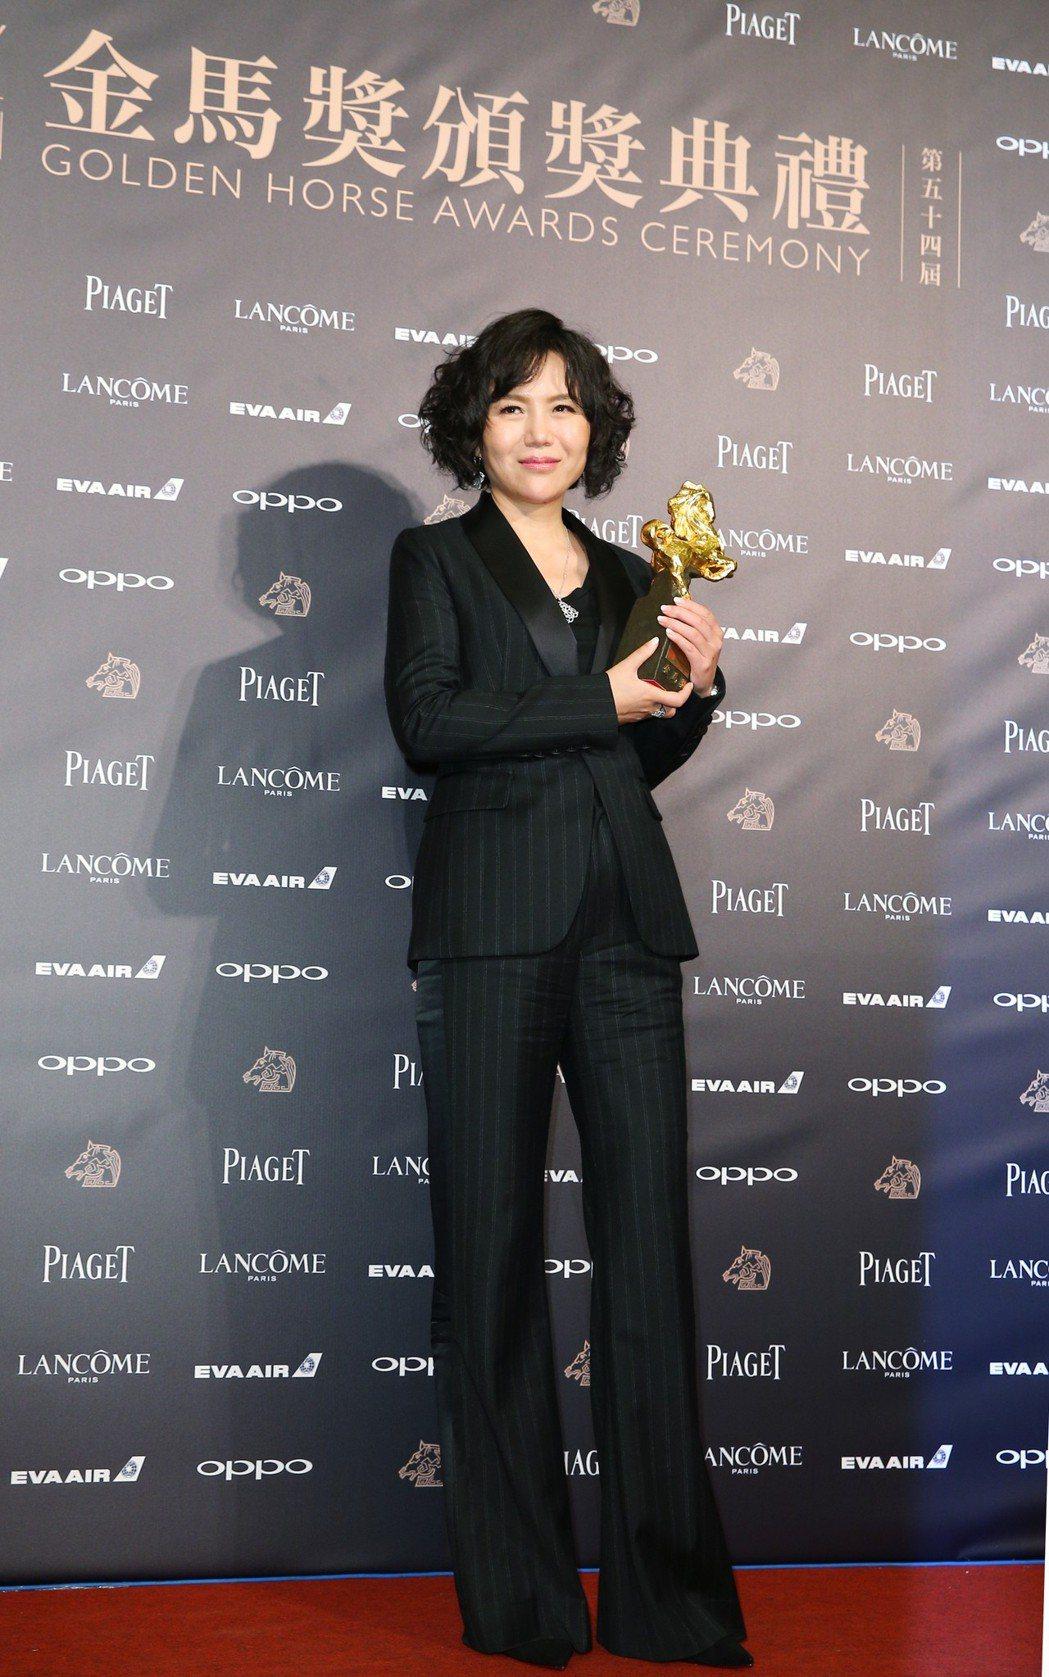 第54屆金馬獎,最佳導演獎由文晏獲得。記者陳正興/攝影